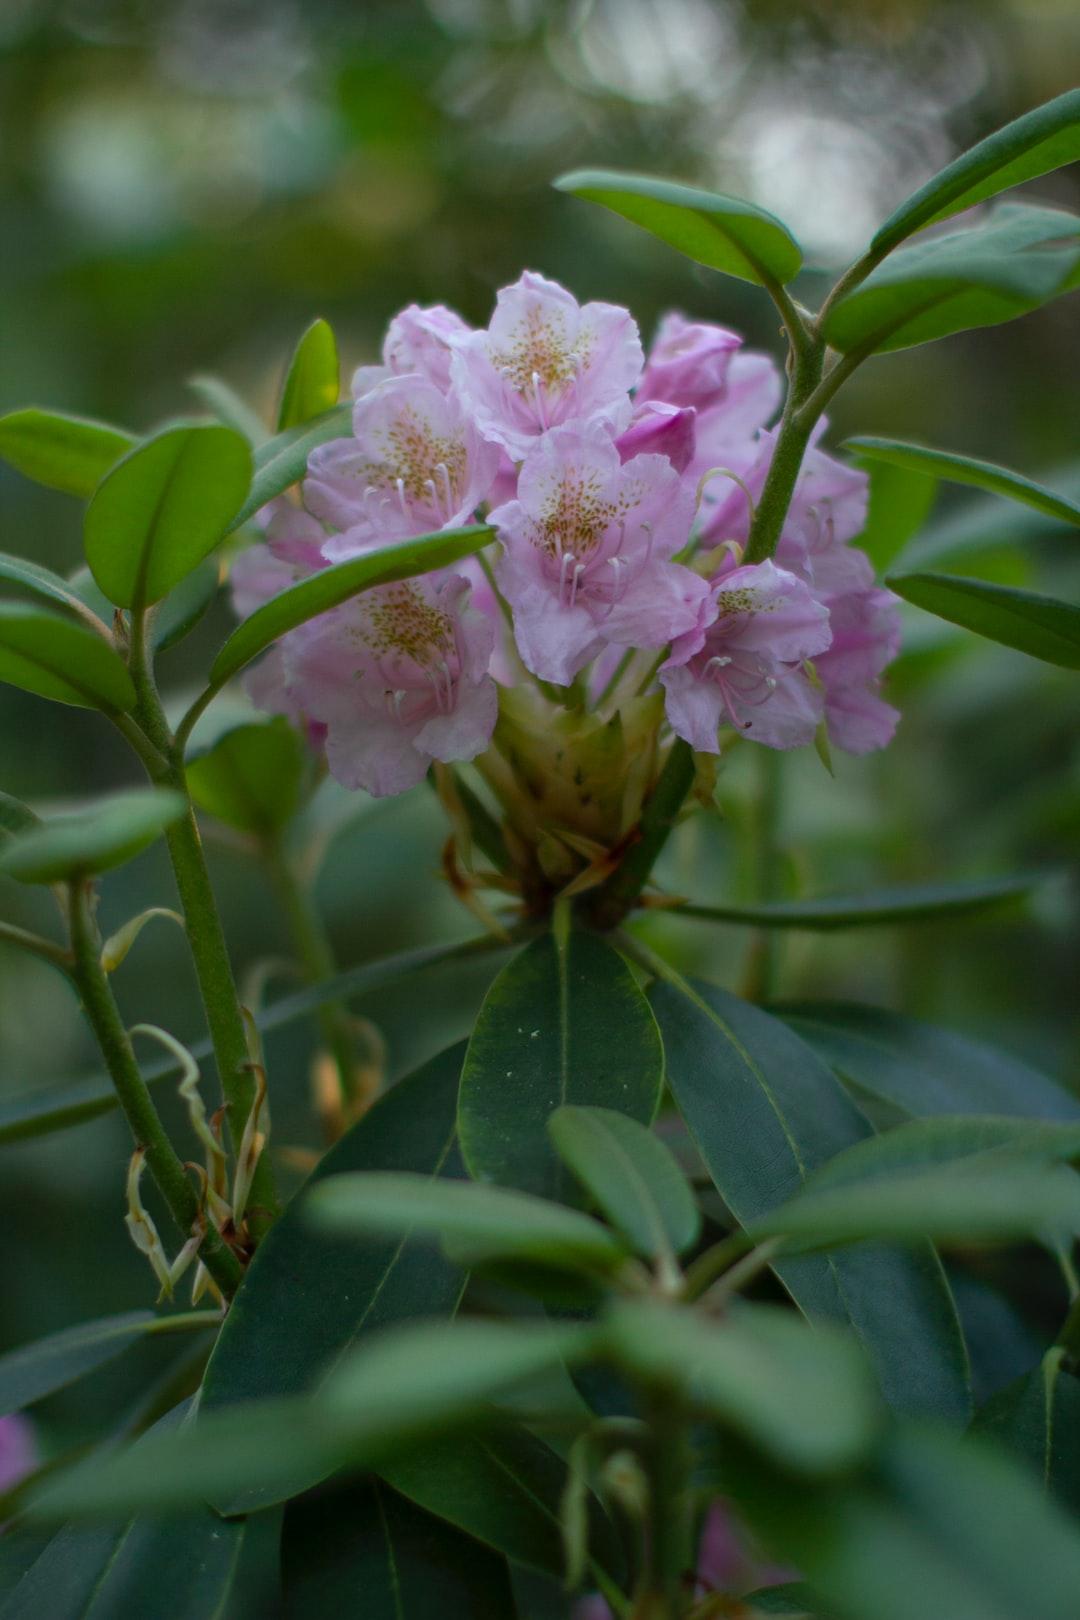 Alppiruusupuisto Rhododendron Park in Helsinki